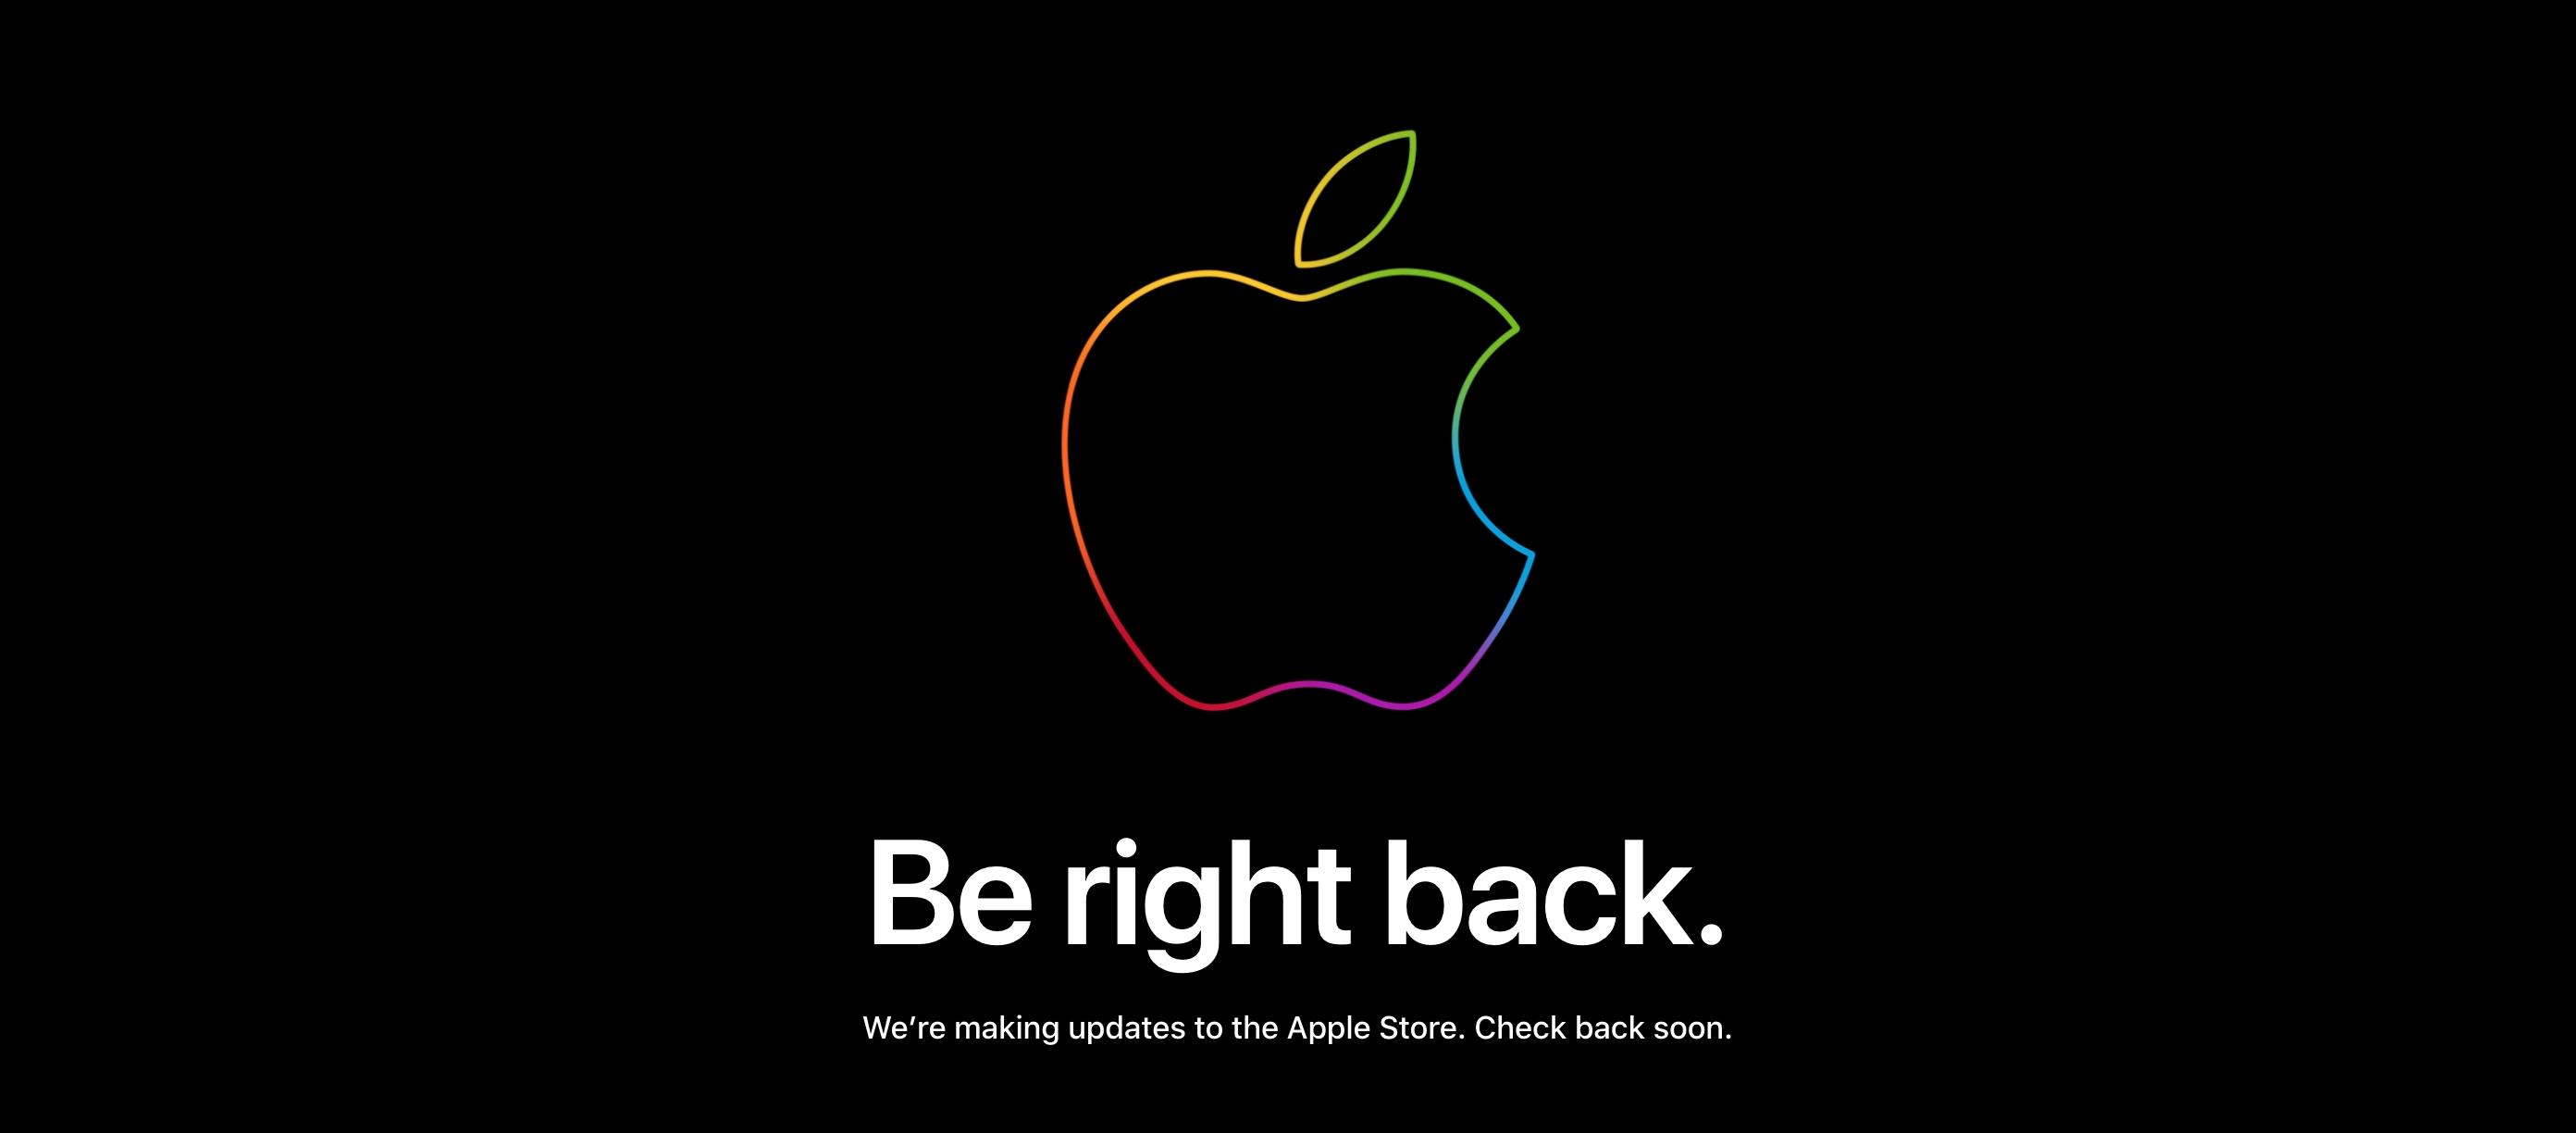 Apple thường chỉ đóng của Apple Store mỗi khi ra mắt sản phẩm mới.